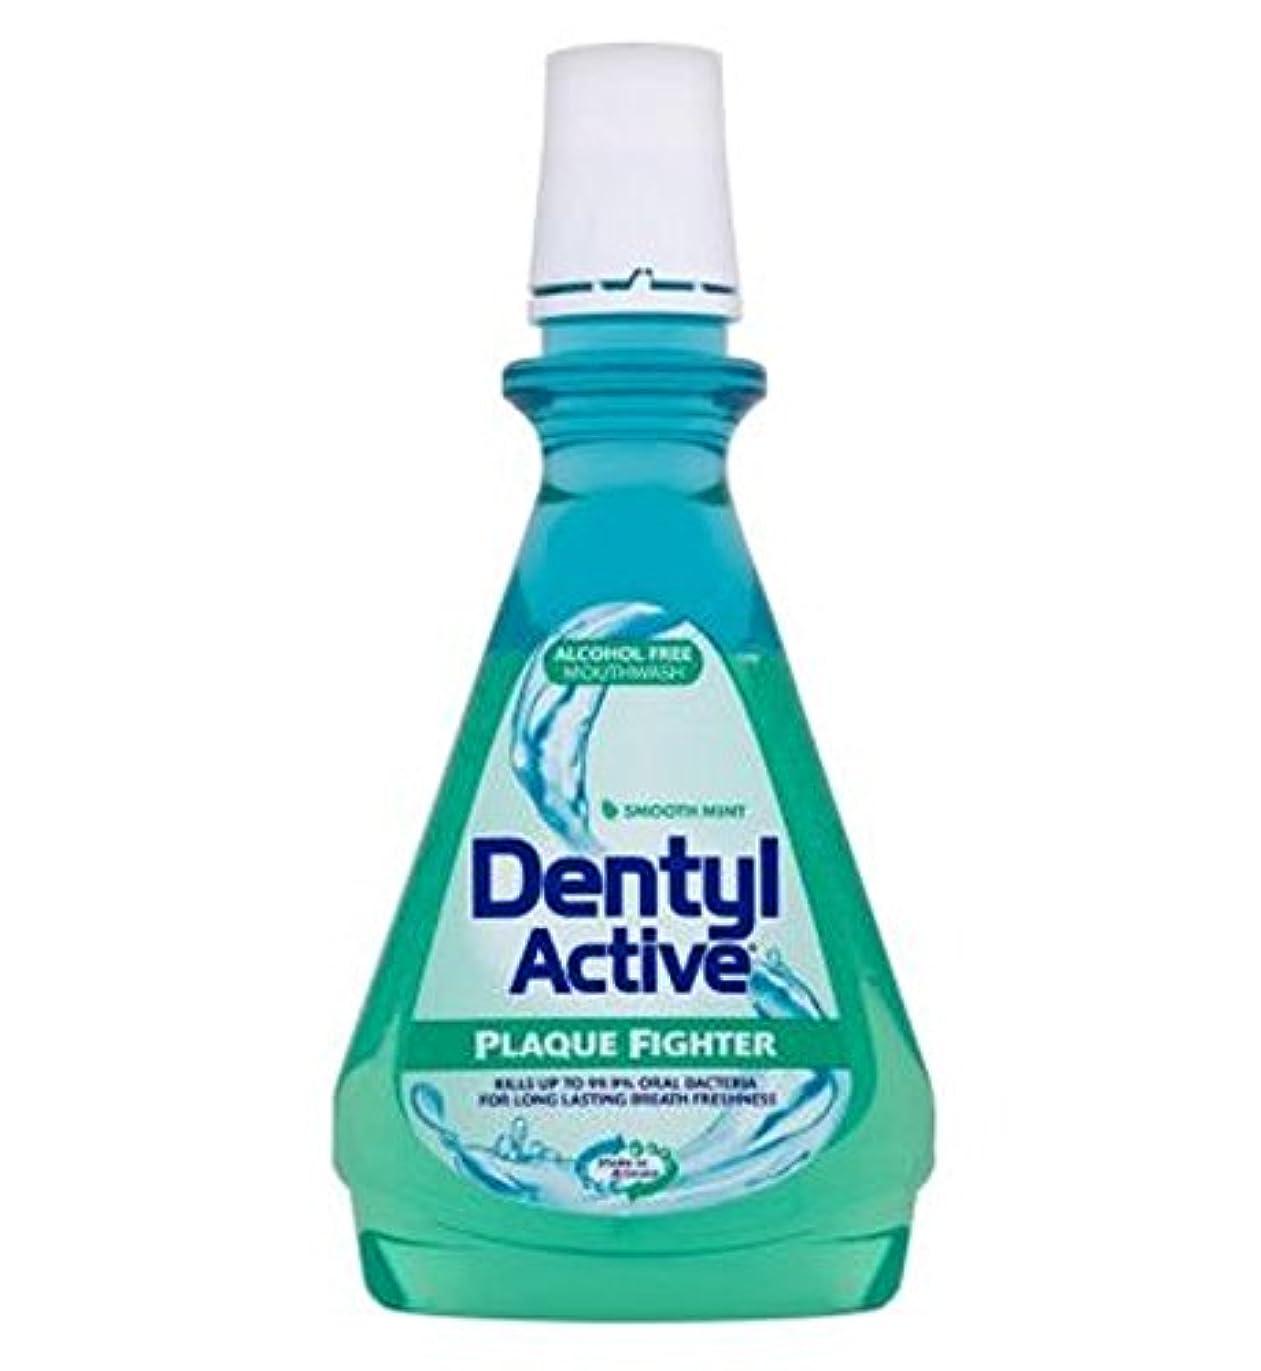 に対して感謝祭摂氏Dentyl Active Smooth Mint Mouthwash 500ml - Dentylアクティブな滑らかなミントマウスウォッシュ500ミリリットル (Dentyl) [並行輸入品]